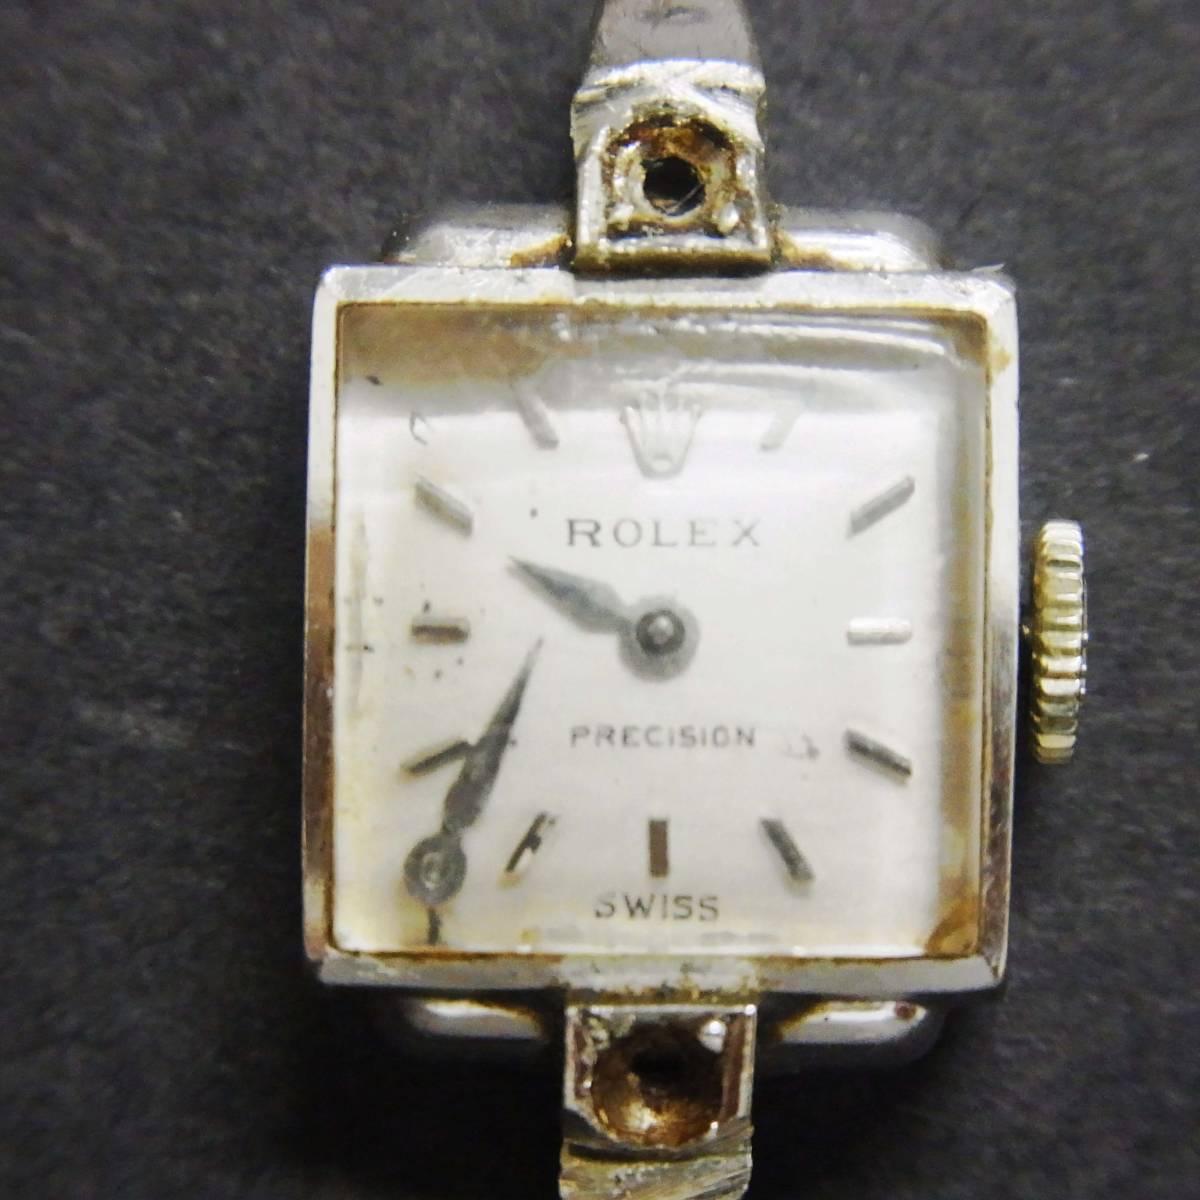 ★ジャンク★ROLEX PRECISION★ロレックス プレジション★レディース手巻き腕時計★18K/750/17石★_画像2